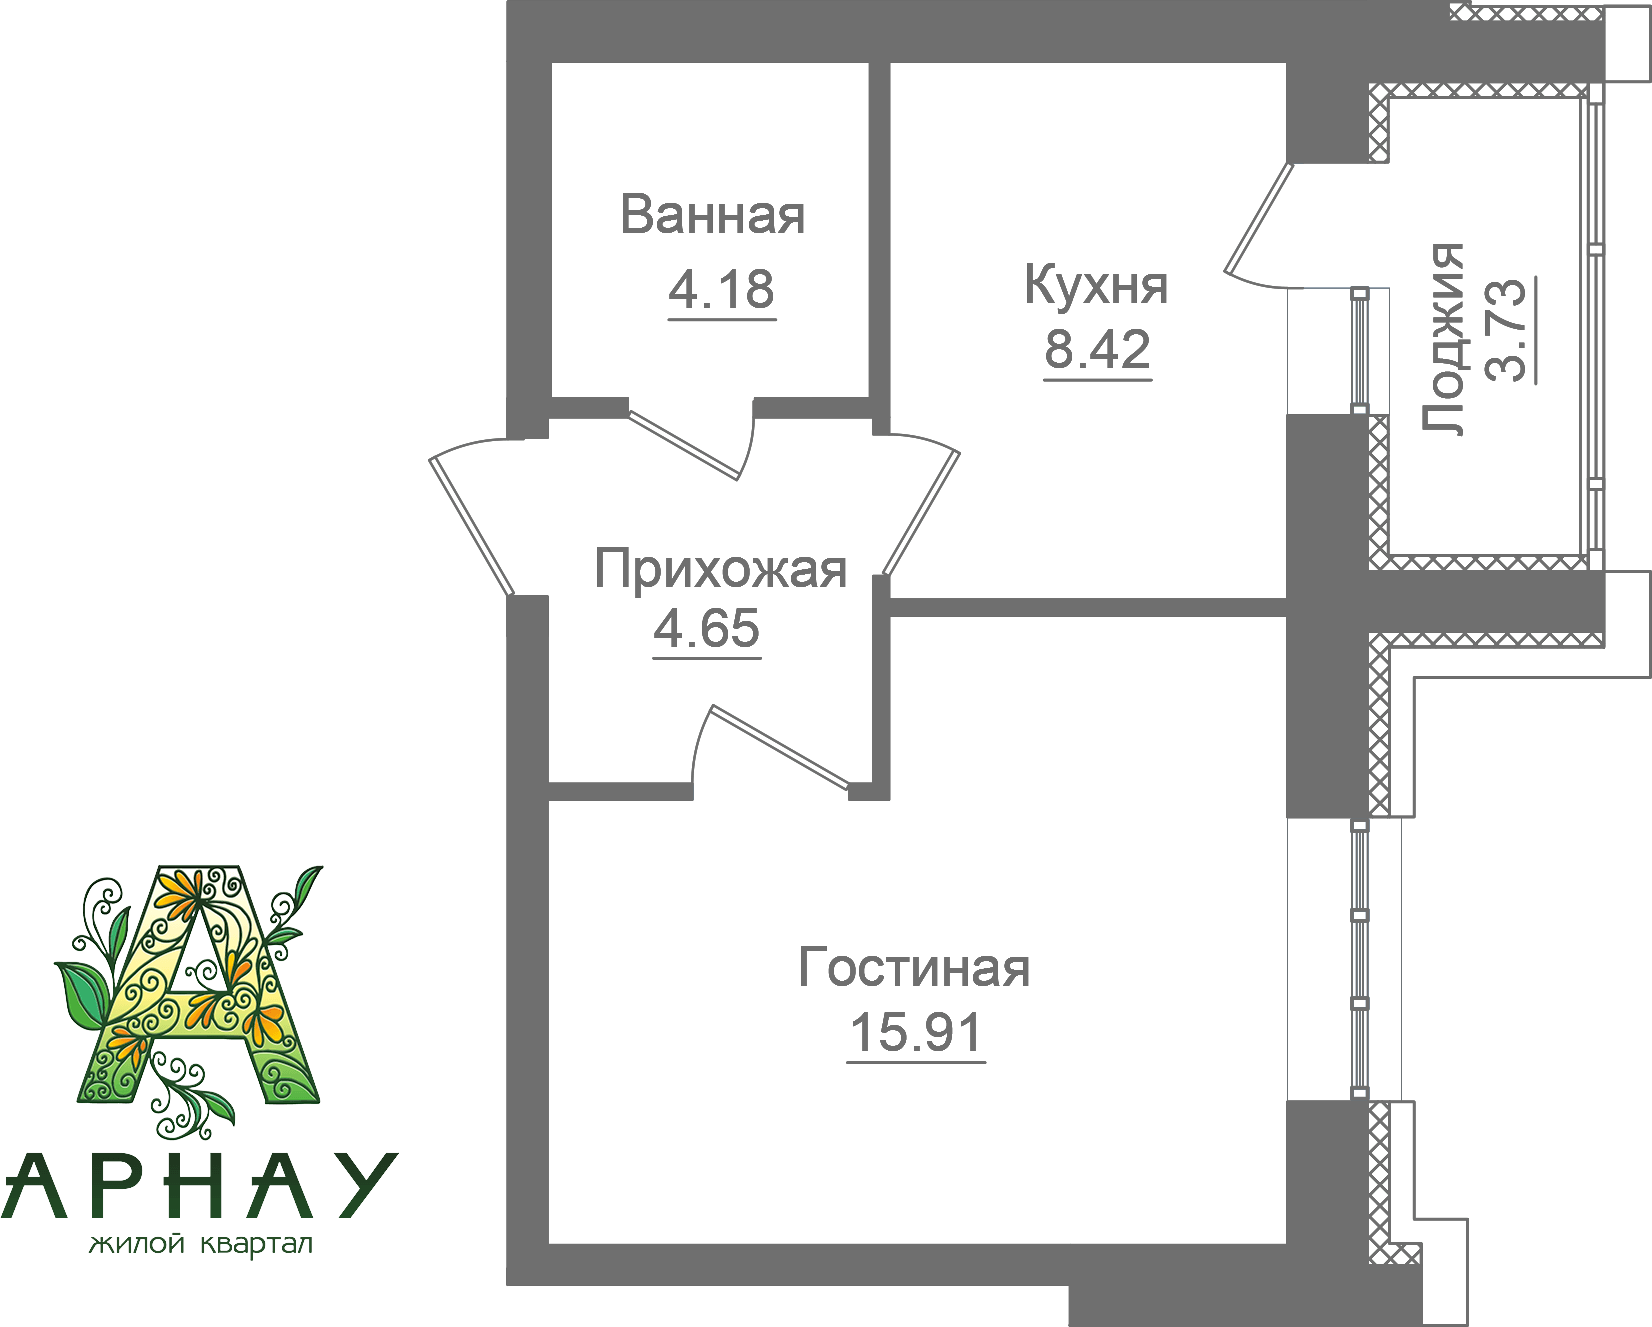 Квартира 49